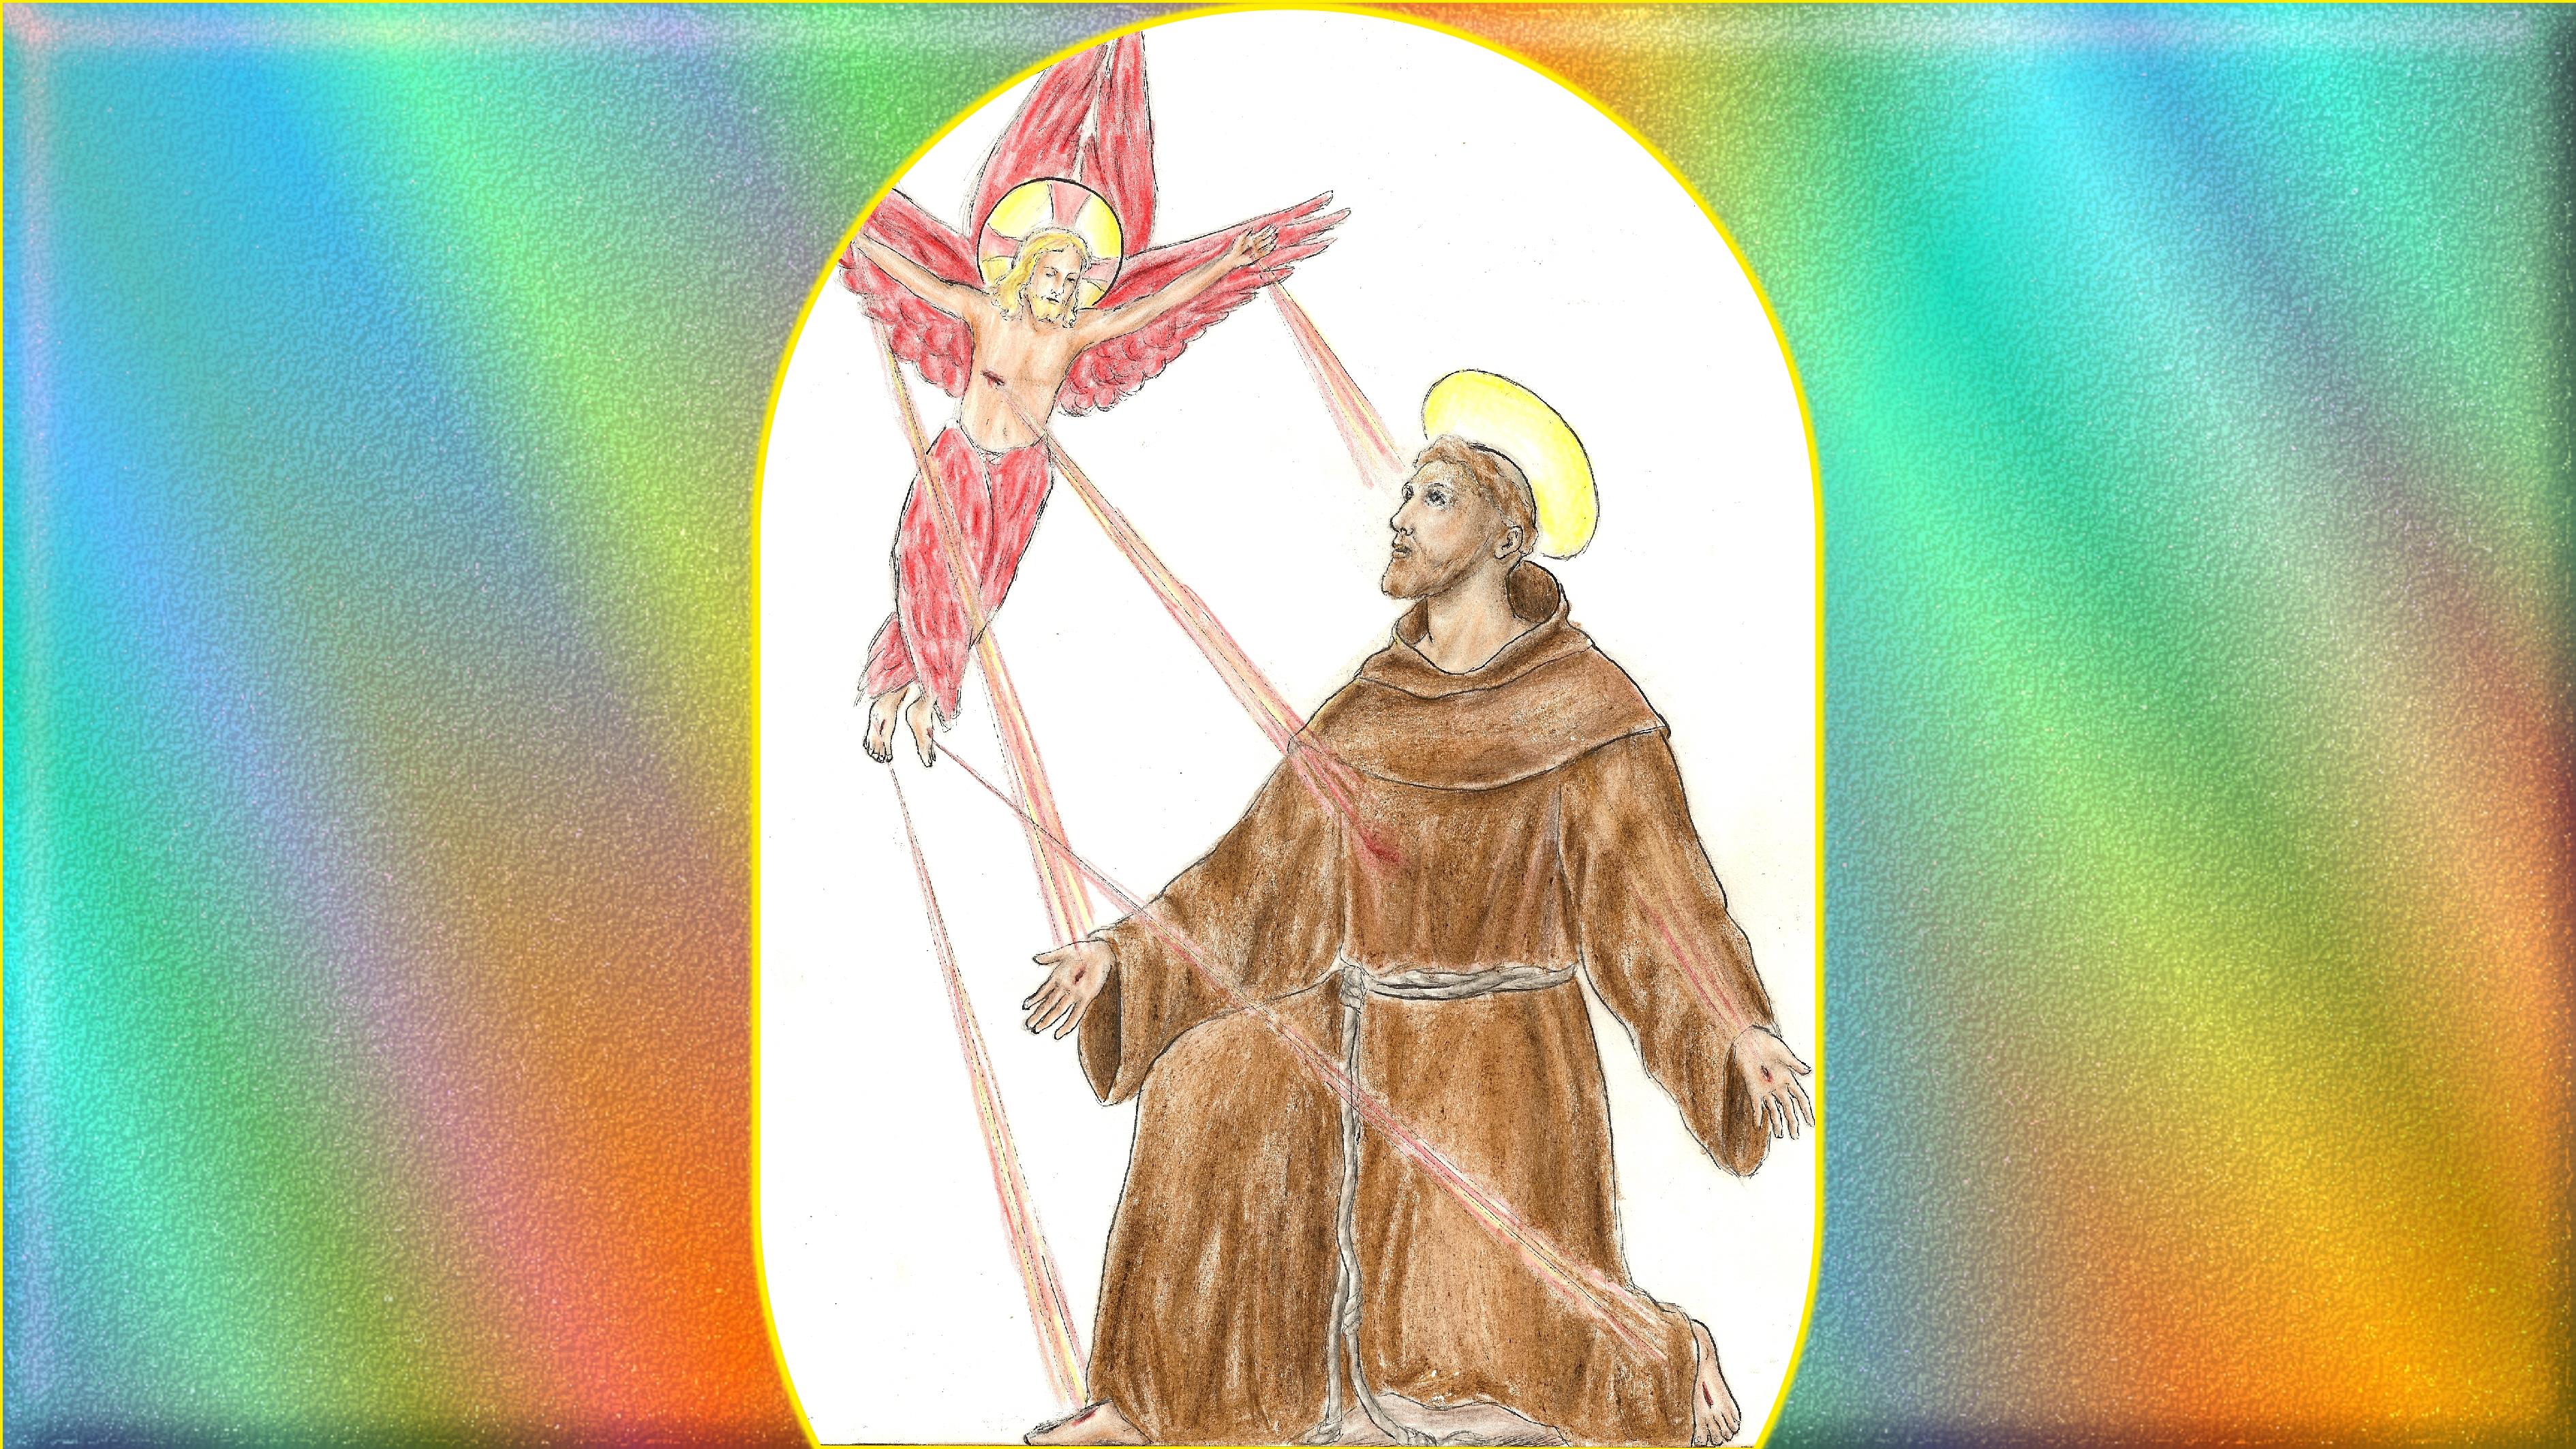 CALENDRIER CATHOLIQUE 2019 (Cantiques, Prières & Images) - Page 9 Stigmatisation-de...d-assise-5692dda